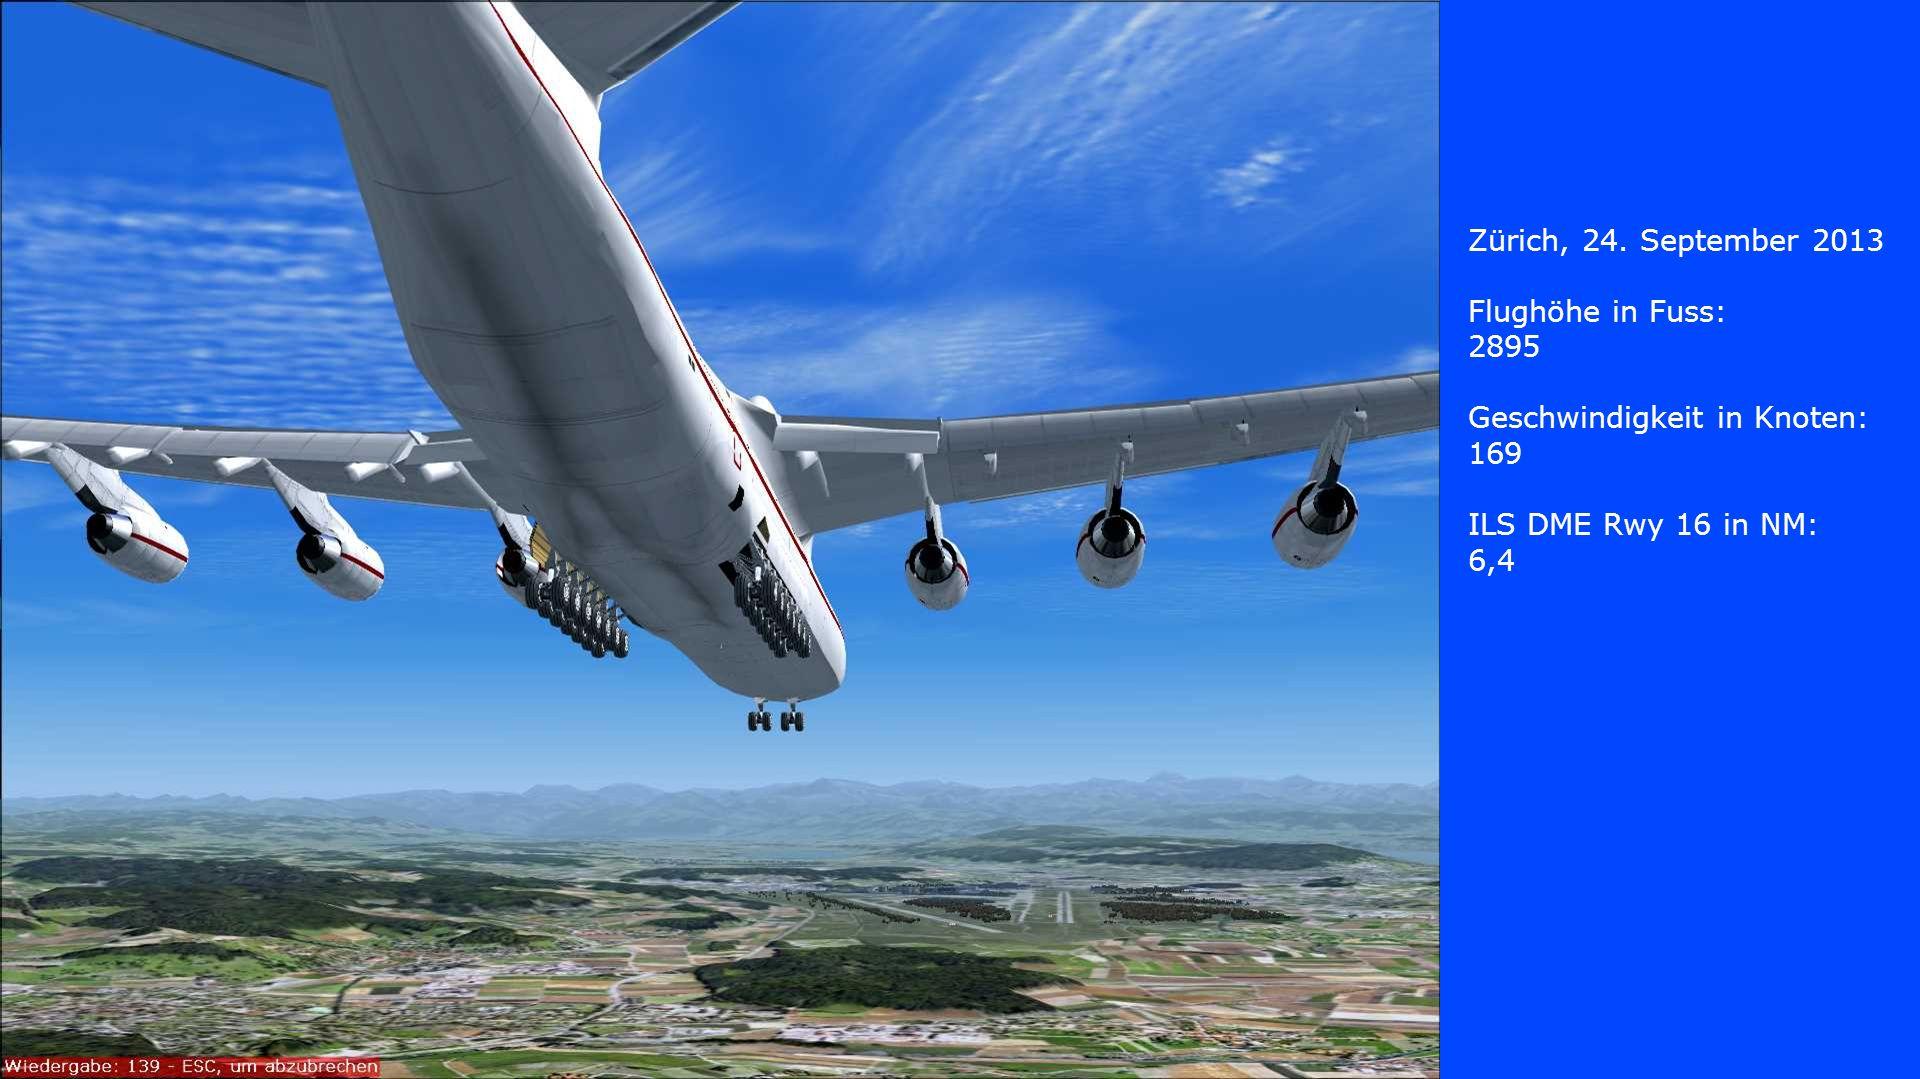 Zürich, 24. September 2013 Flughöhe in Fuss: 2895. Geschwindigkeit in Knoten: 169. ILS DME Rwy 16 in NM: